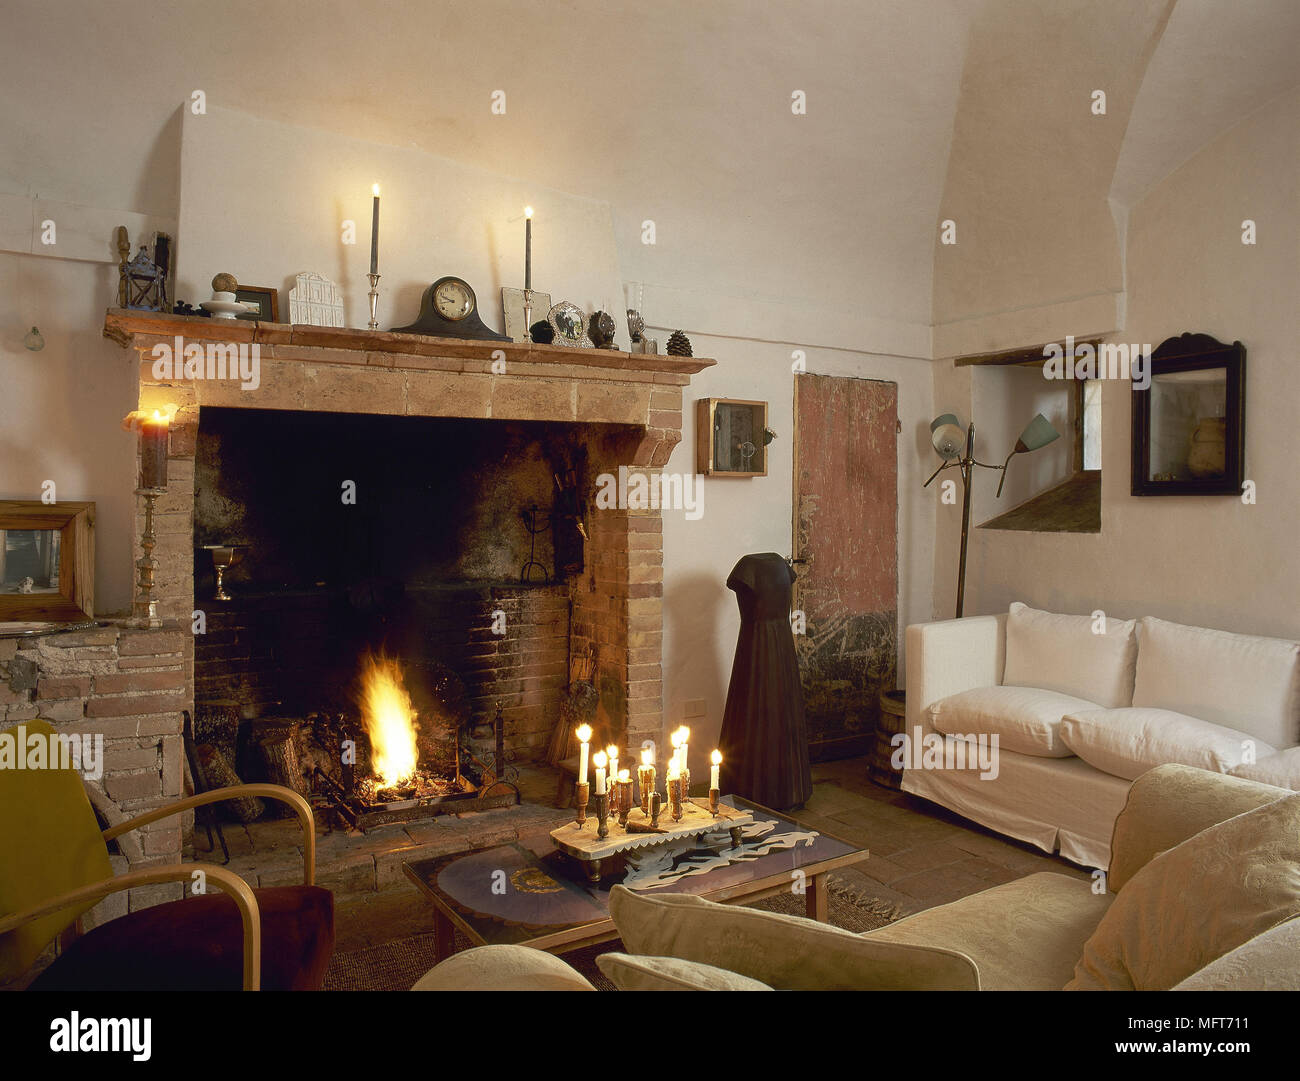 Rustikalen Wohnzimmer gemauerten Kamin Kamin sofa Couchtisch ...